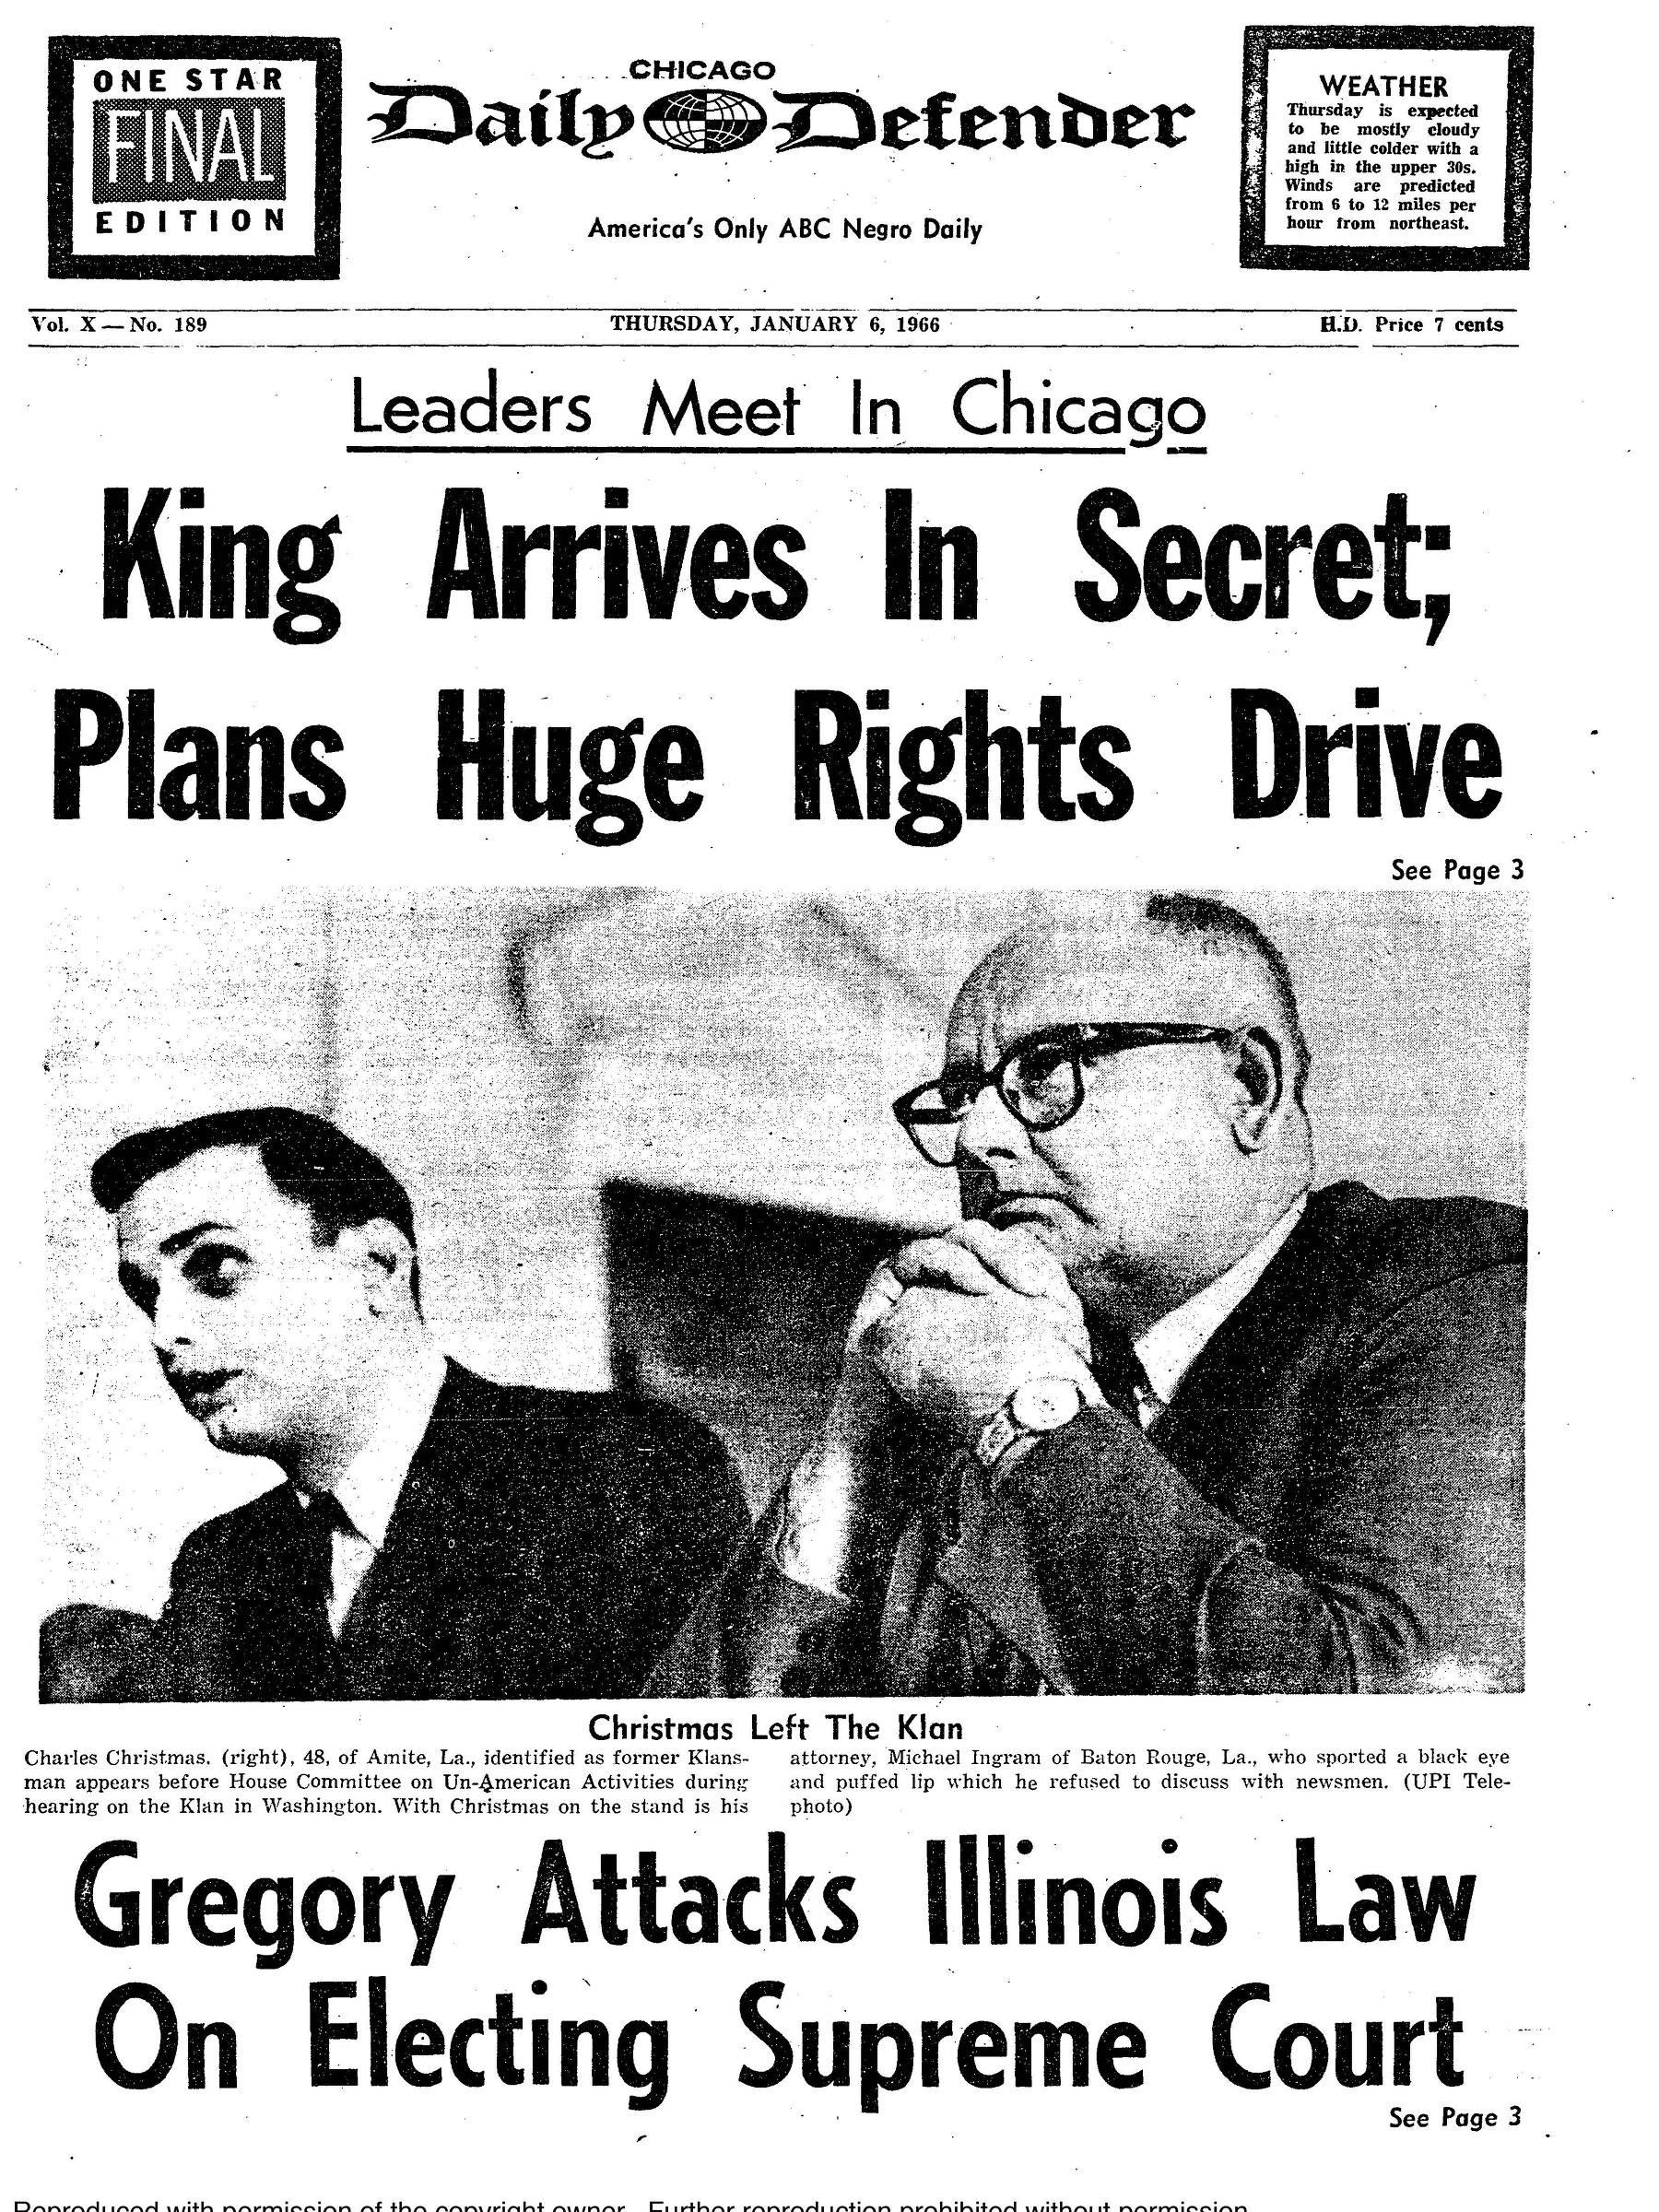 Imagem fornecida pelo Chicago Defender, de janeiro de 1966. O jornal deixará de ter a versão impressa do jornal deixará após 10 de julho de 2019 - Reprodução do Chicago Defender/NYT